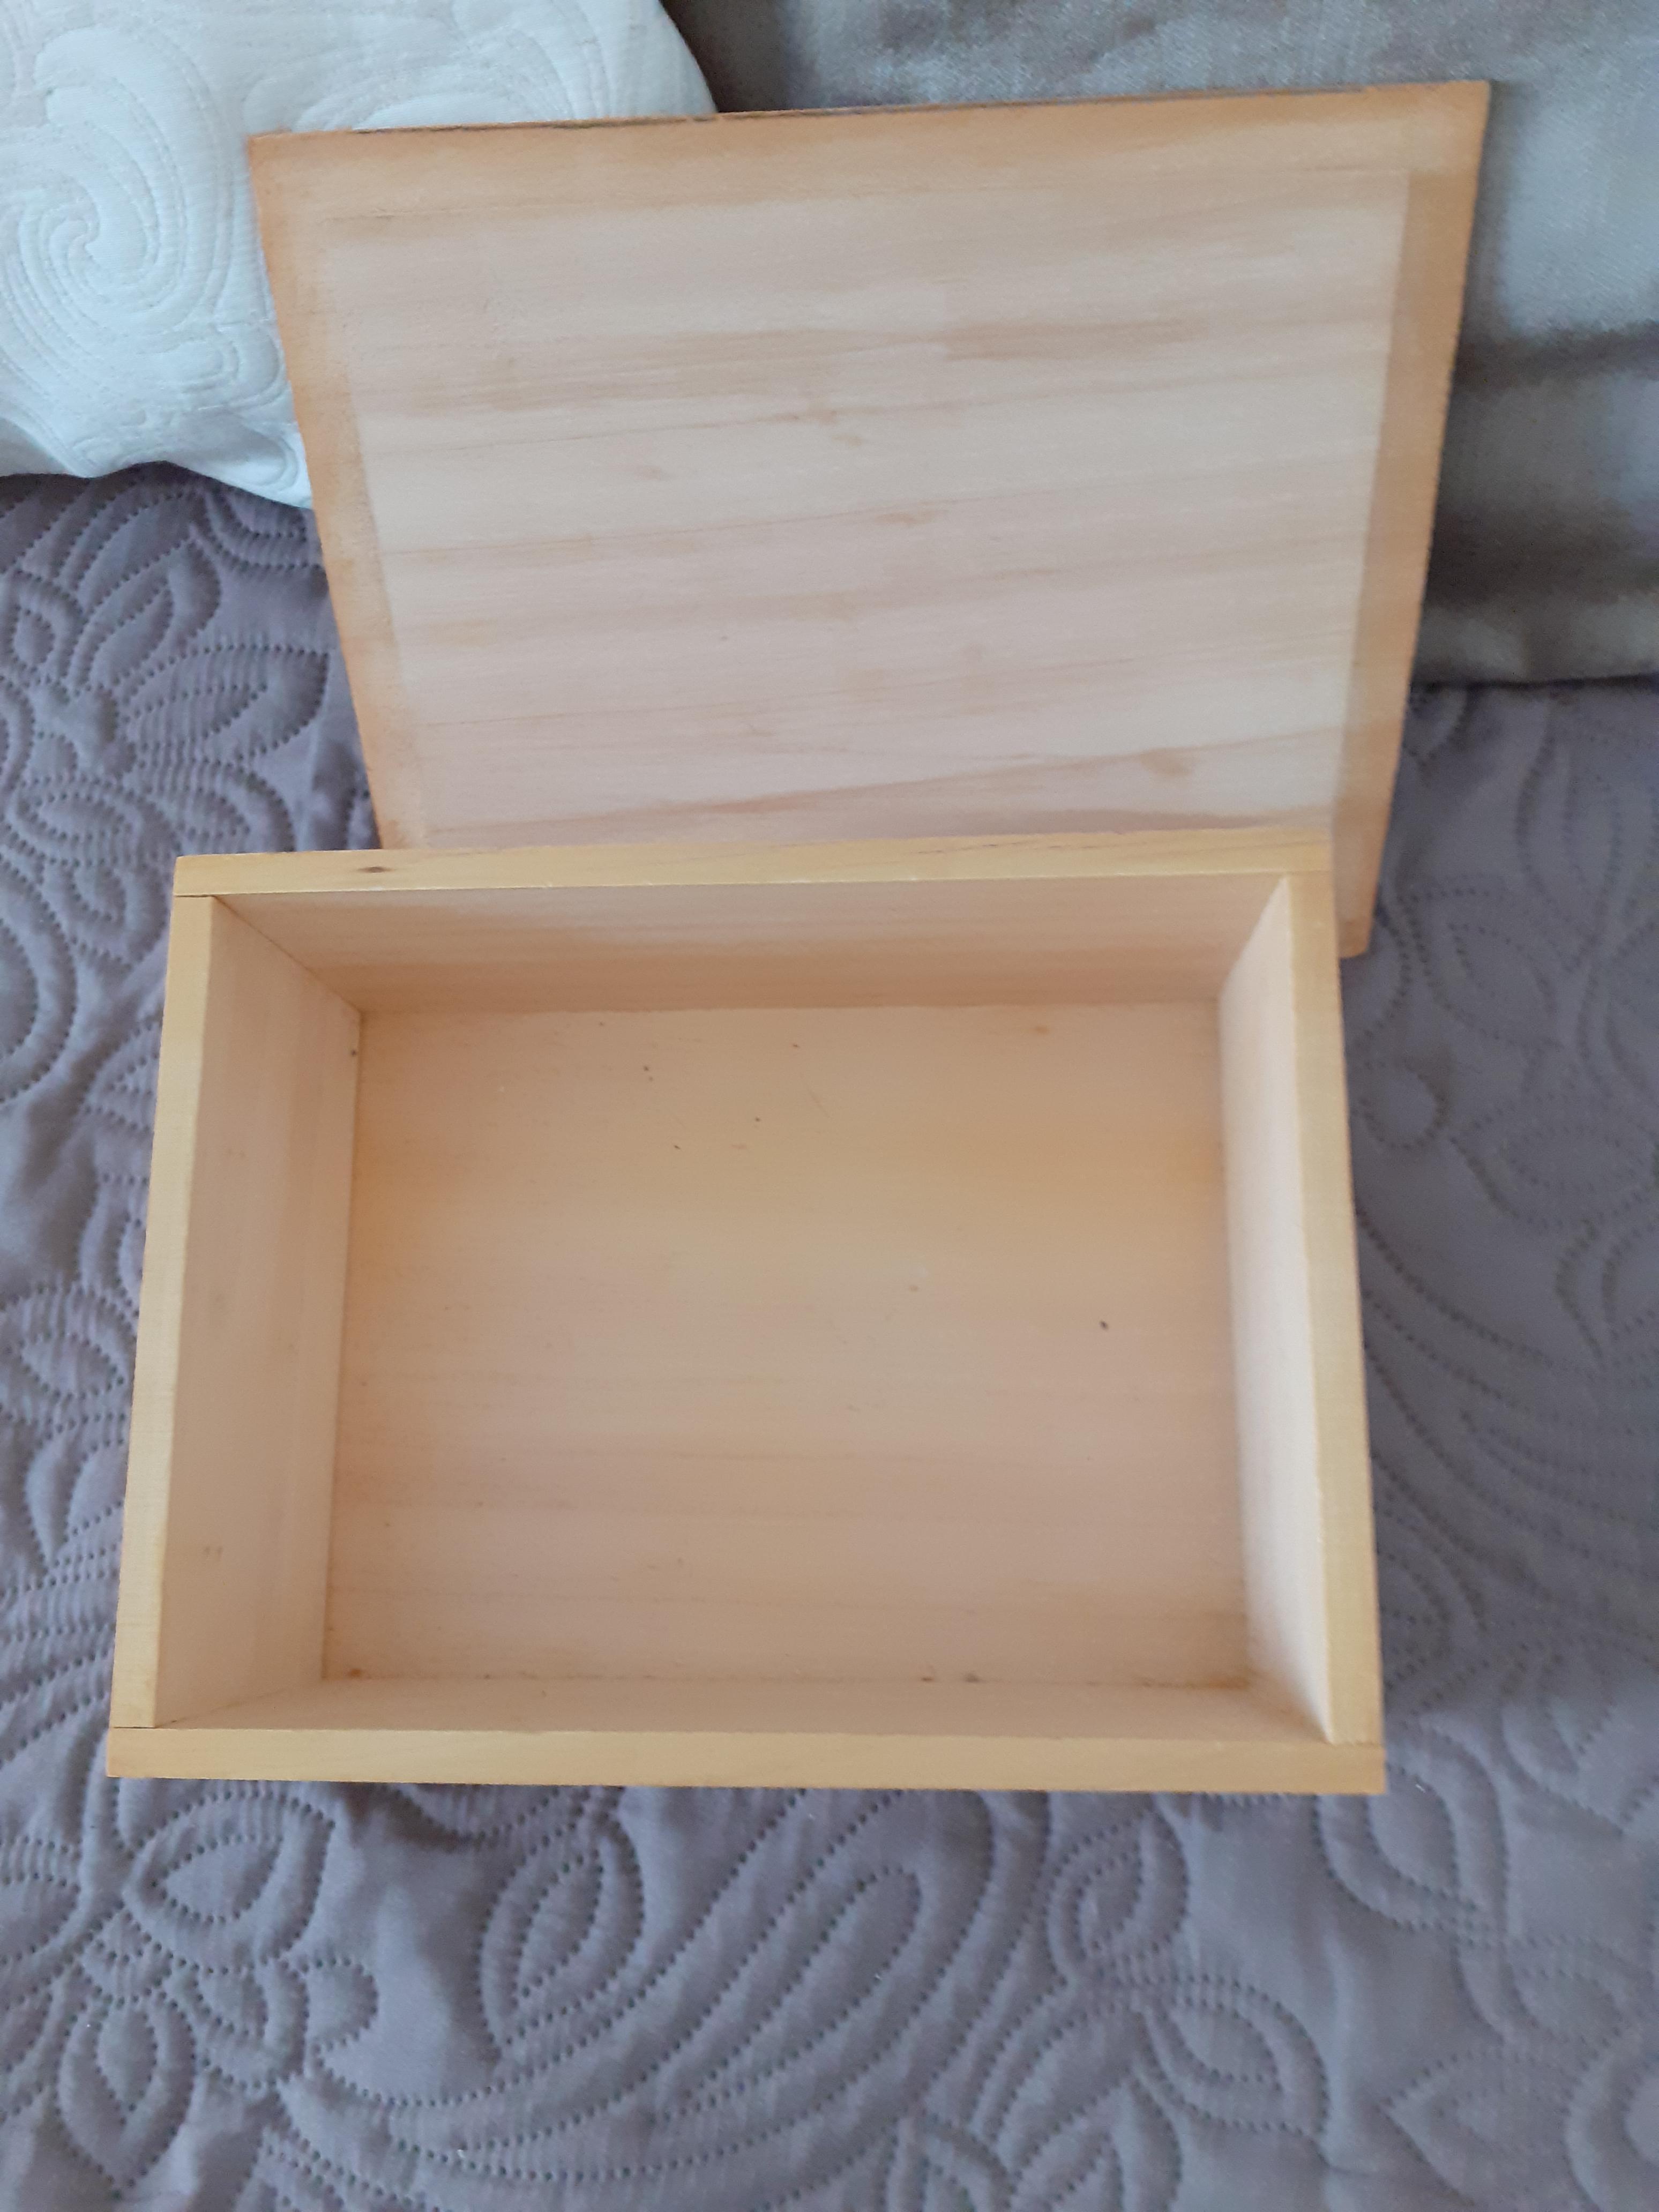 troc de troc reservee boite en bois image 1